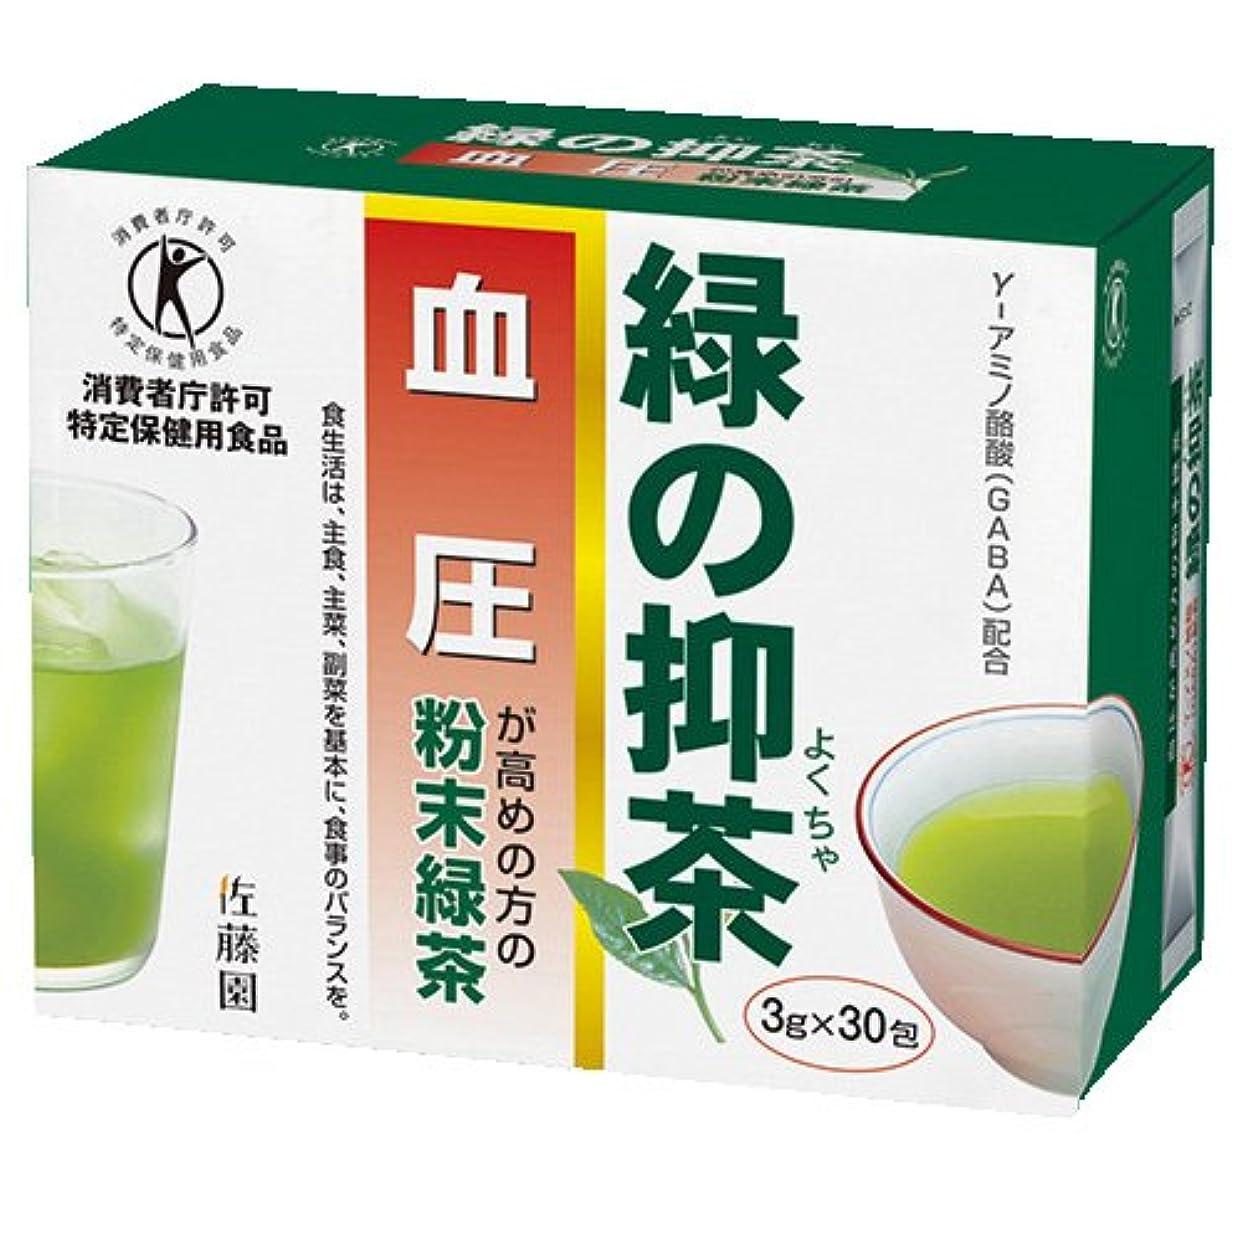 農村承認するコイン佐藤園のトクホのお茶 緑の抑茶(血圧) 30包 [特定保健用食品]